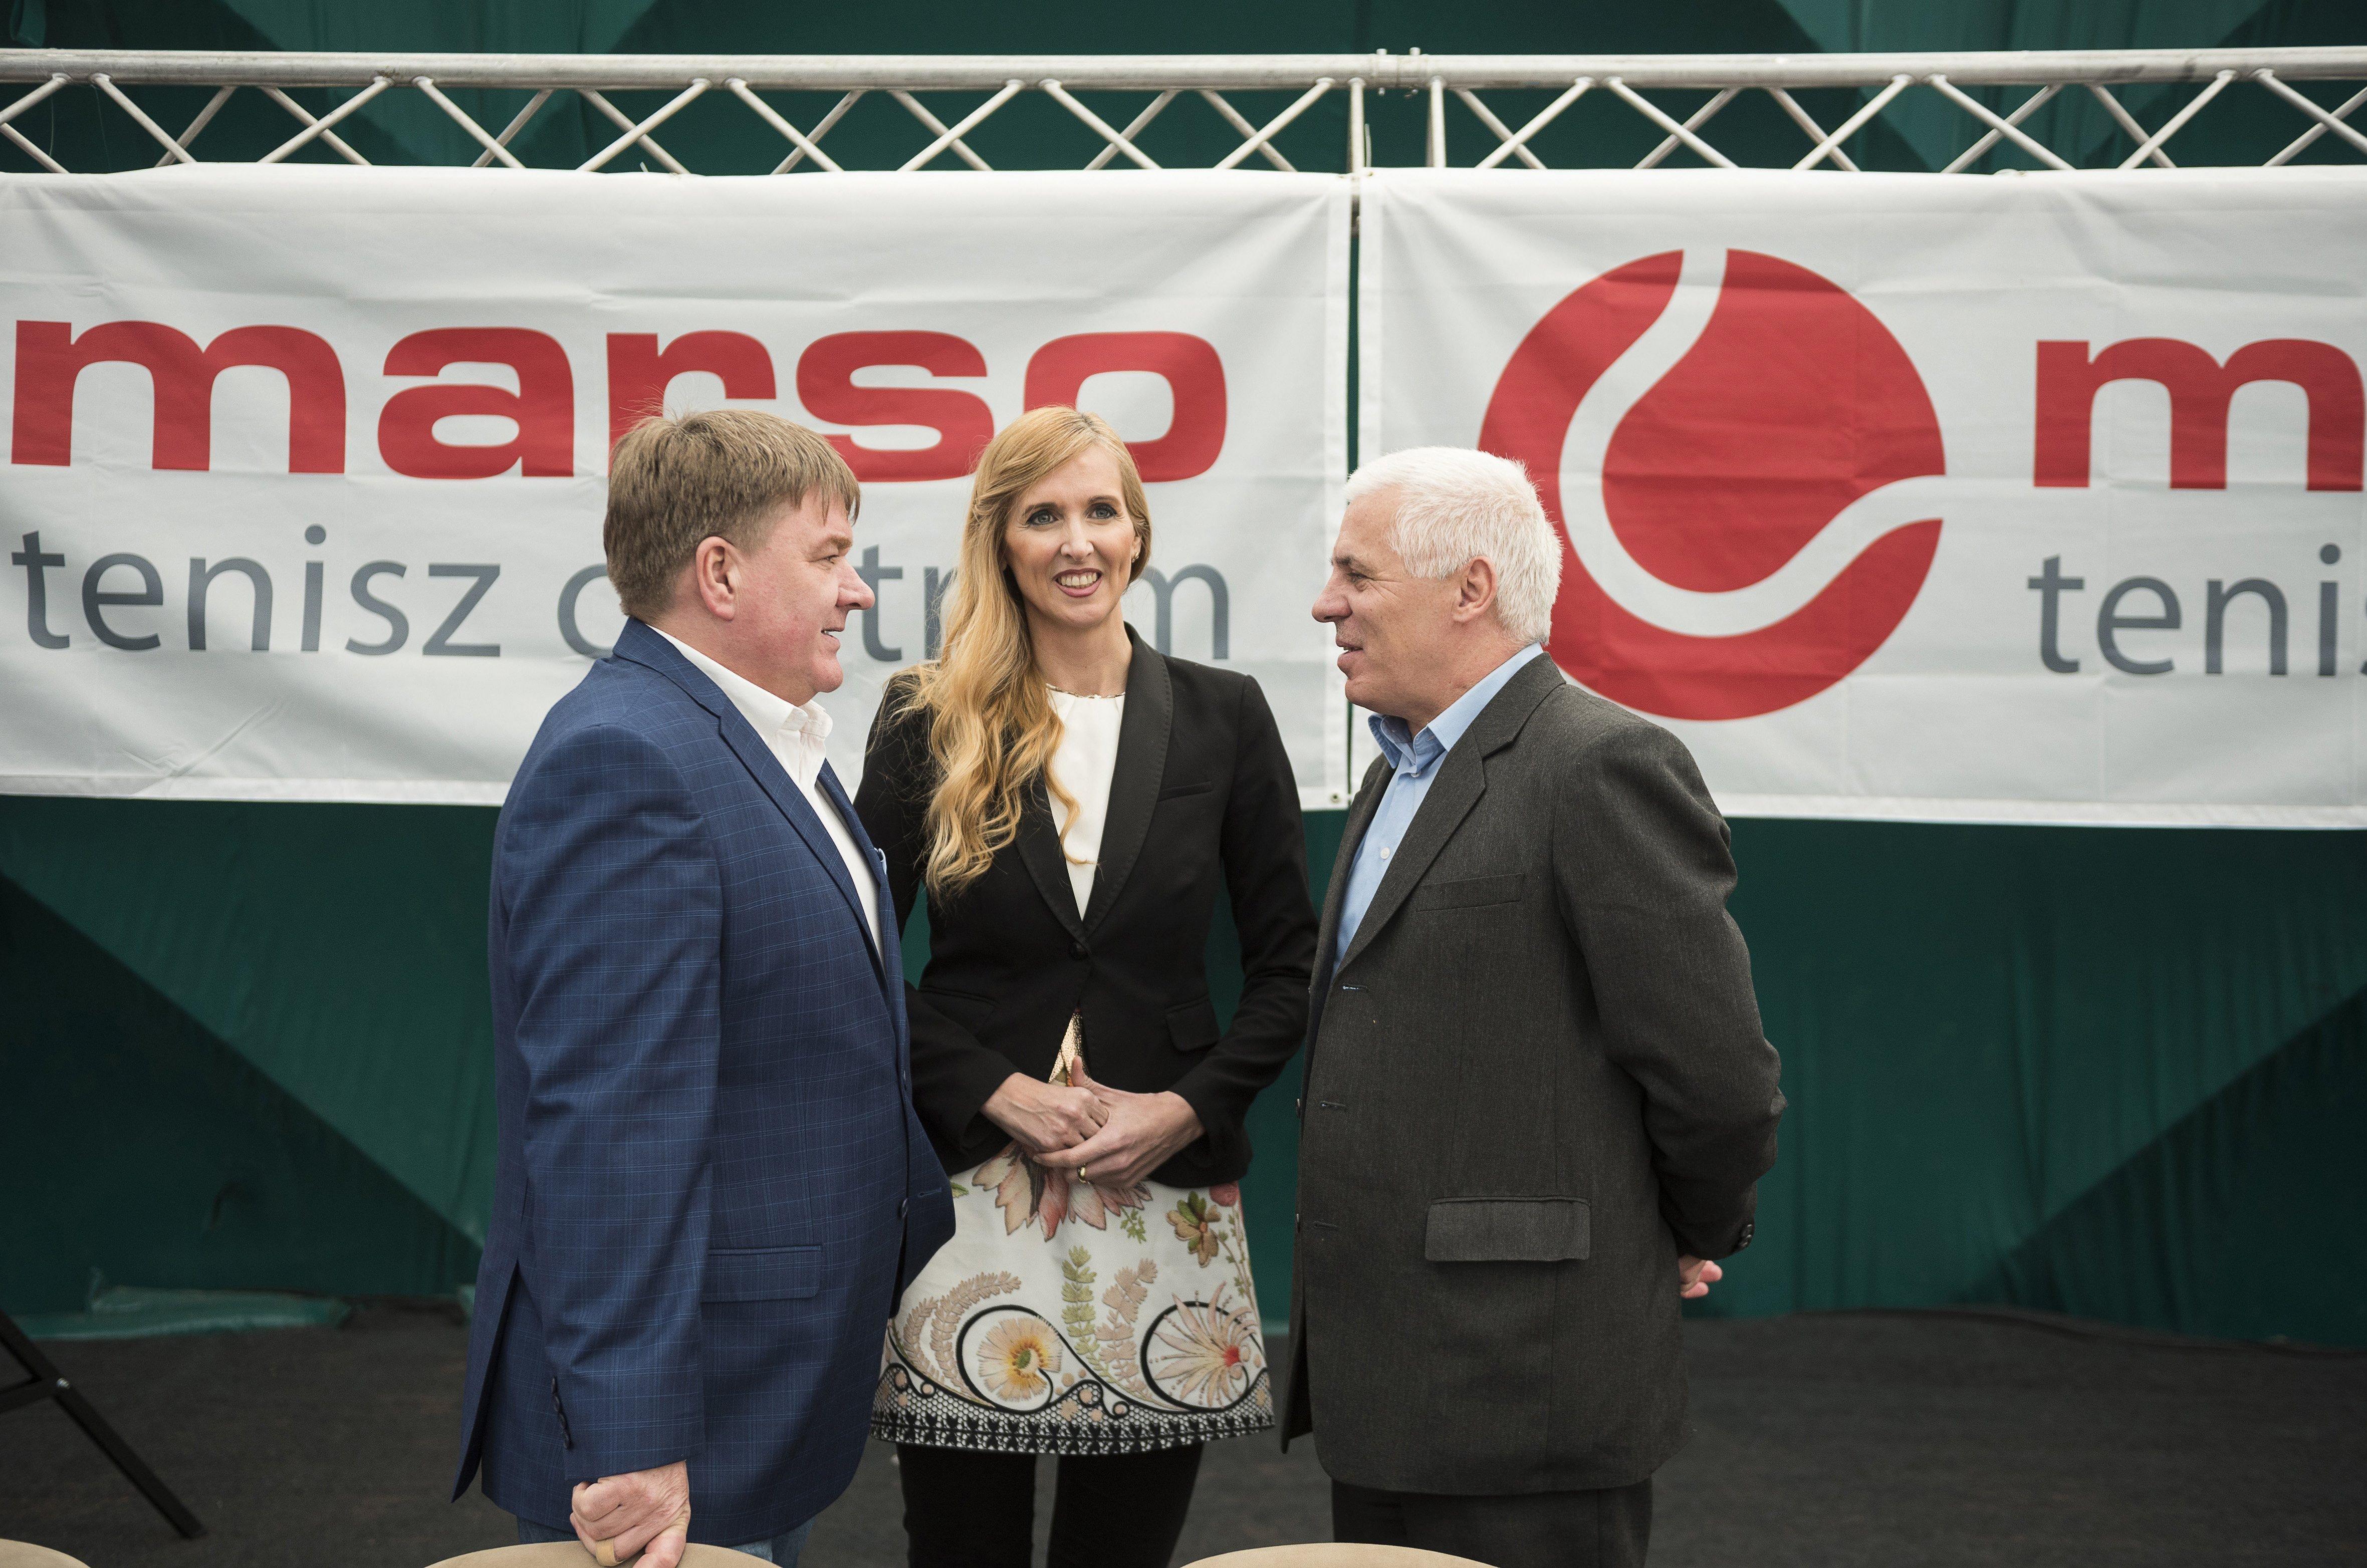 Meglátták a 3,5 milliárdos hiányt, lemondott a Magyar Tenisz Szövetség elnöksége